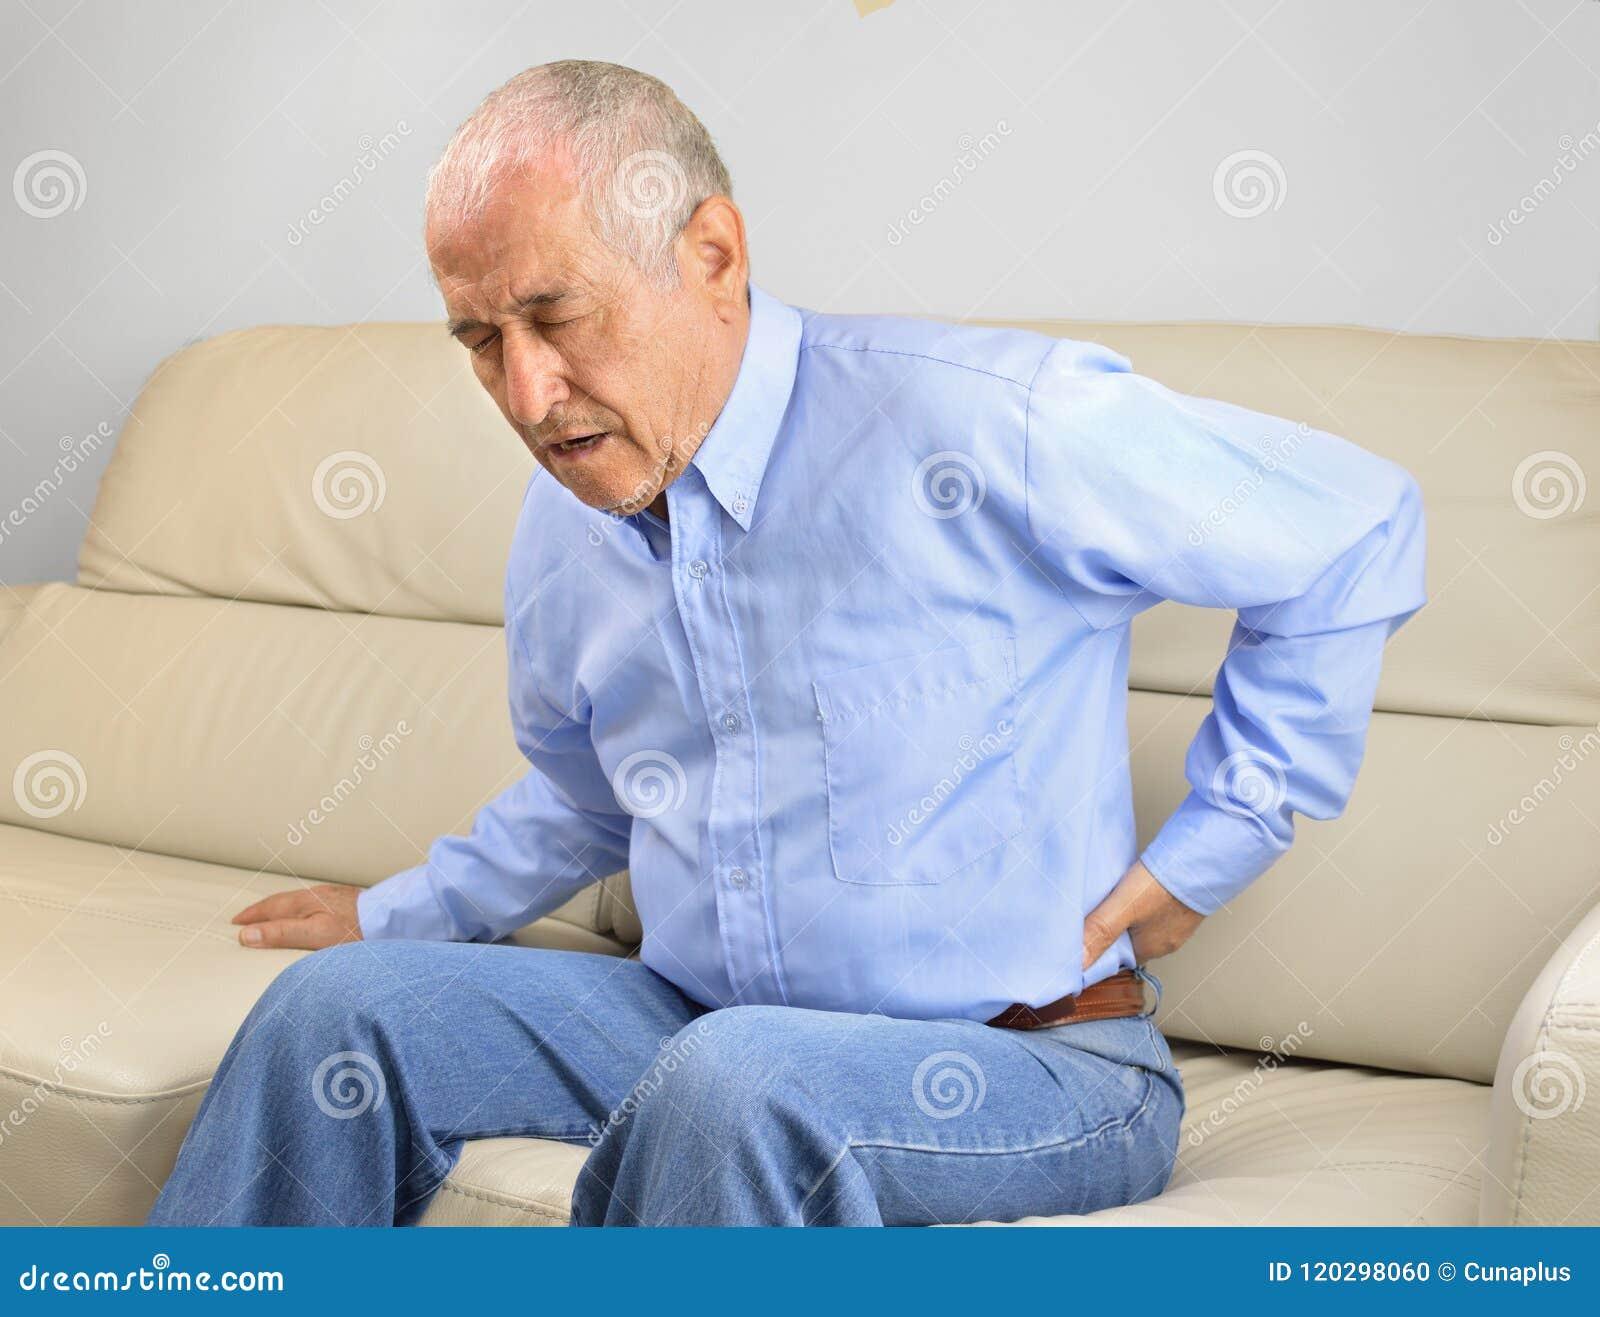 Homem sênior com dor traseira